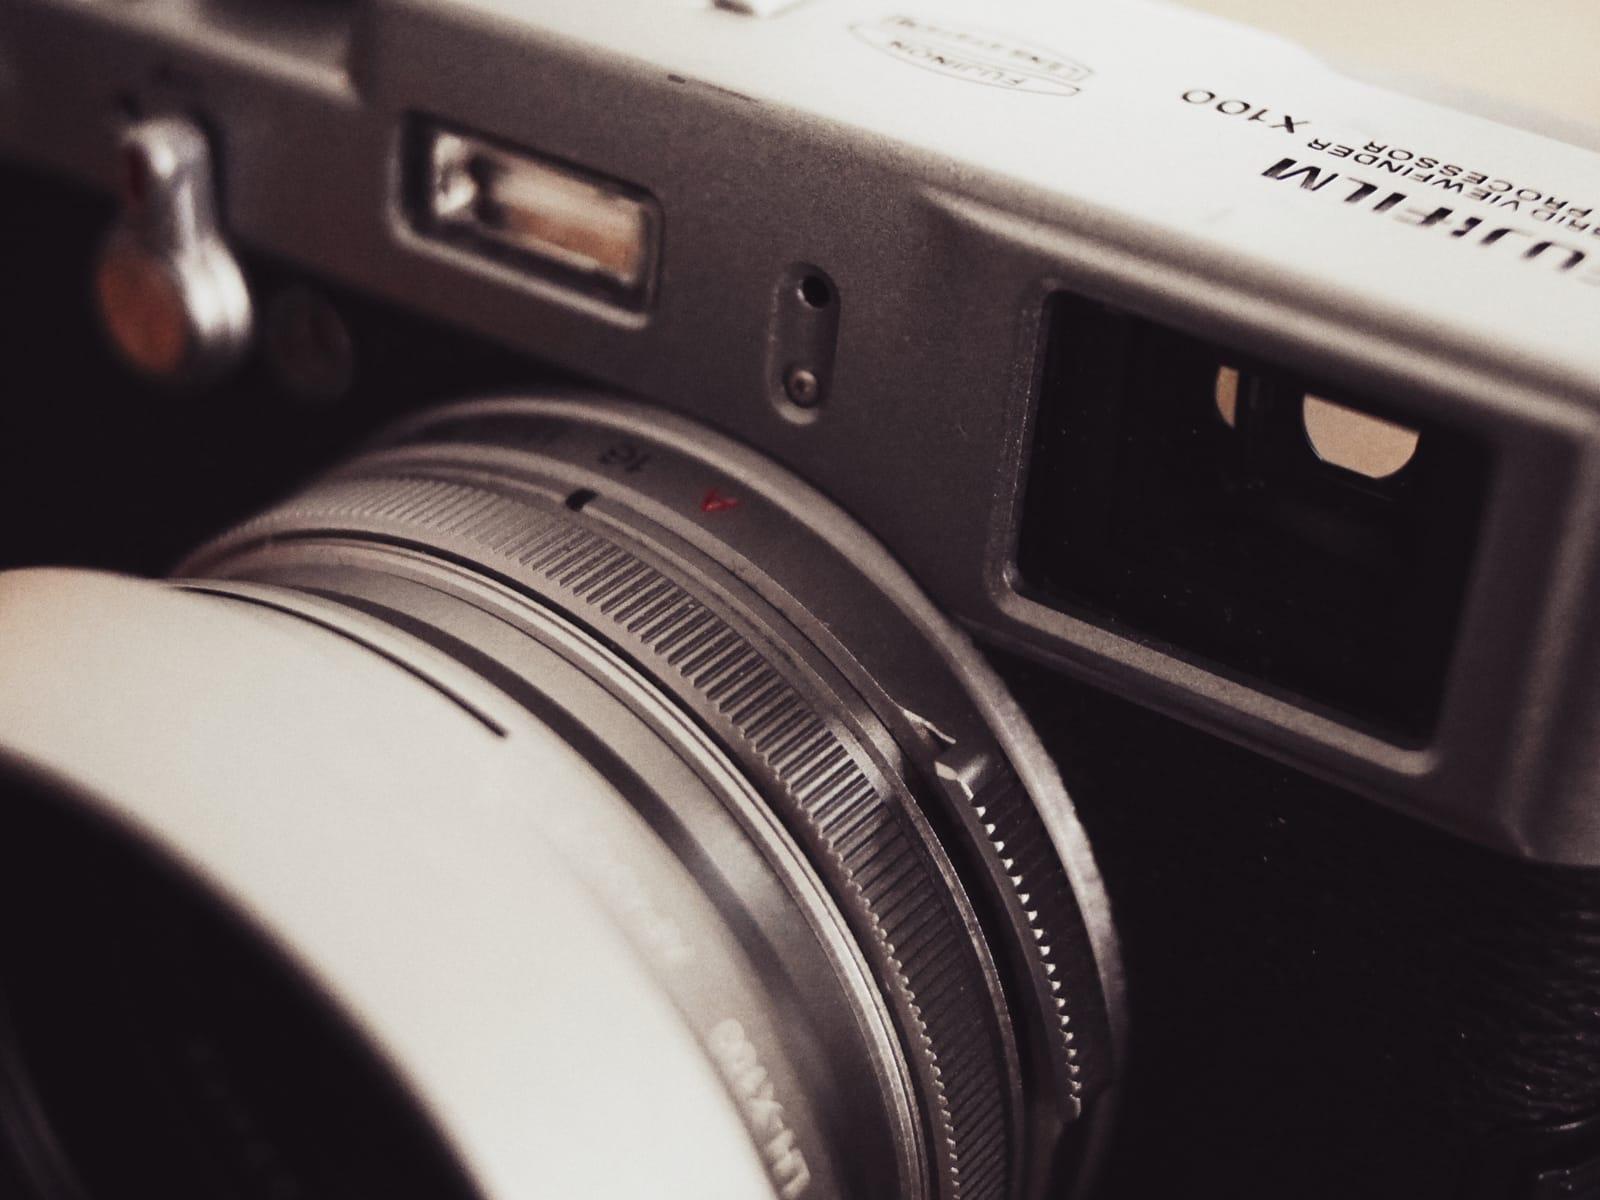 Närbild av en Fujifilm X100